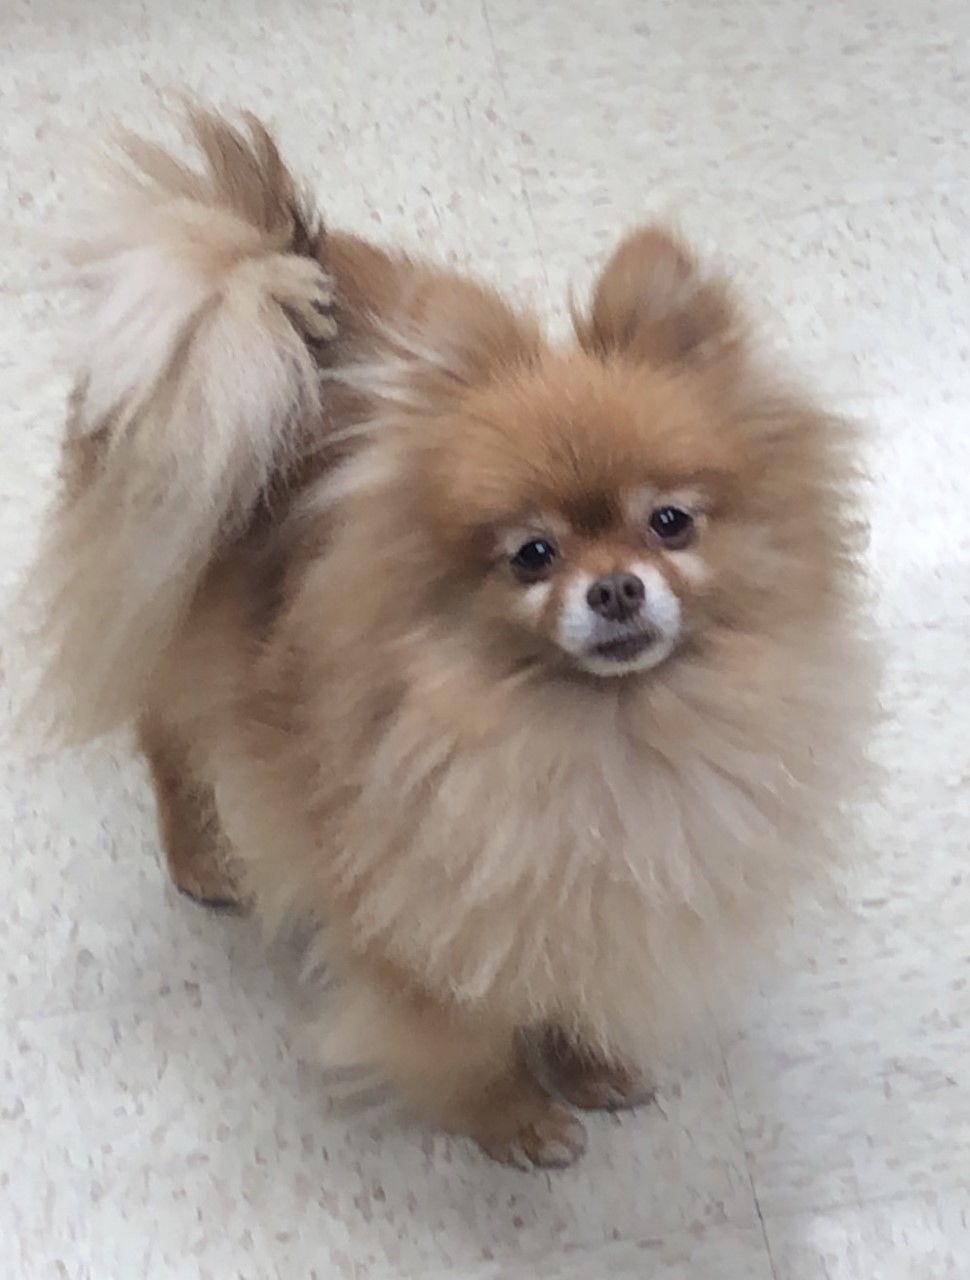 Sammie's dog, Chip